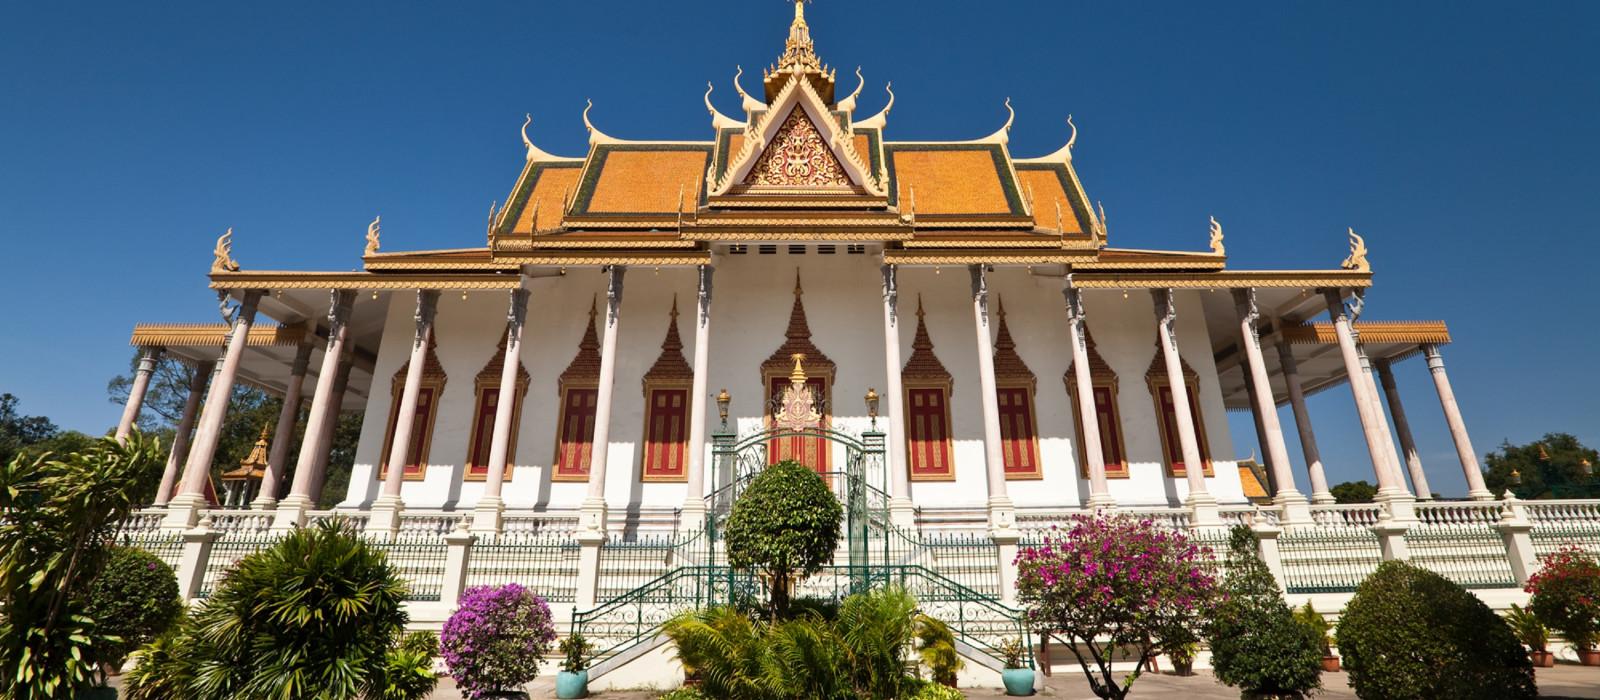 Hotel Frangipani Royal Palace  Kambodscha